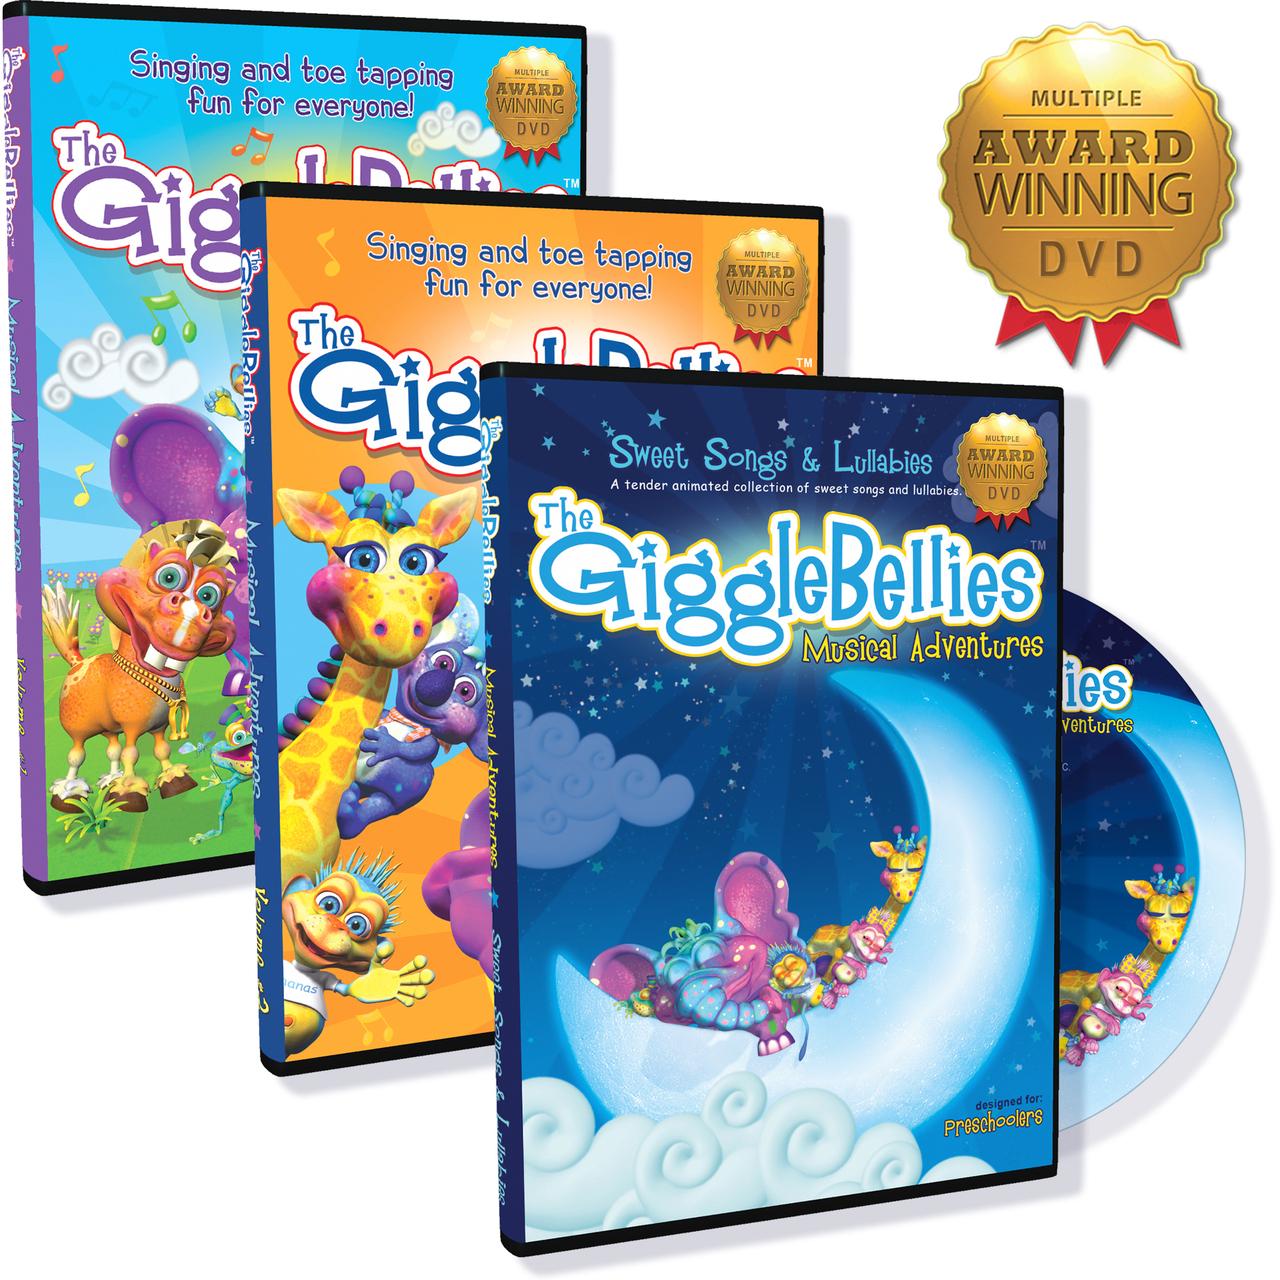 TriplePack_DVDs__51241.1383246080.1280.1280